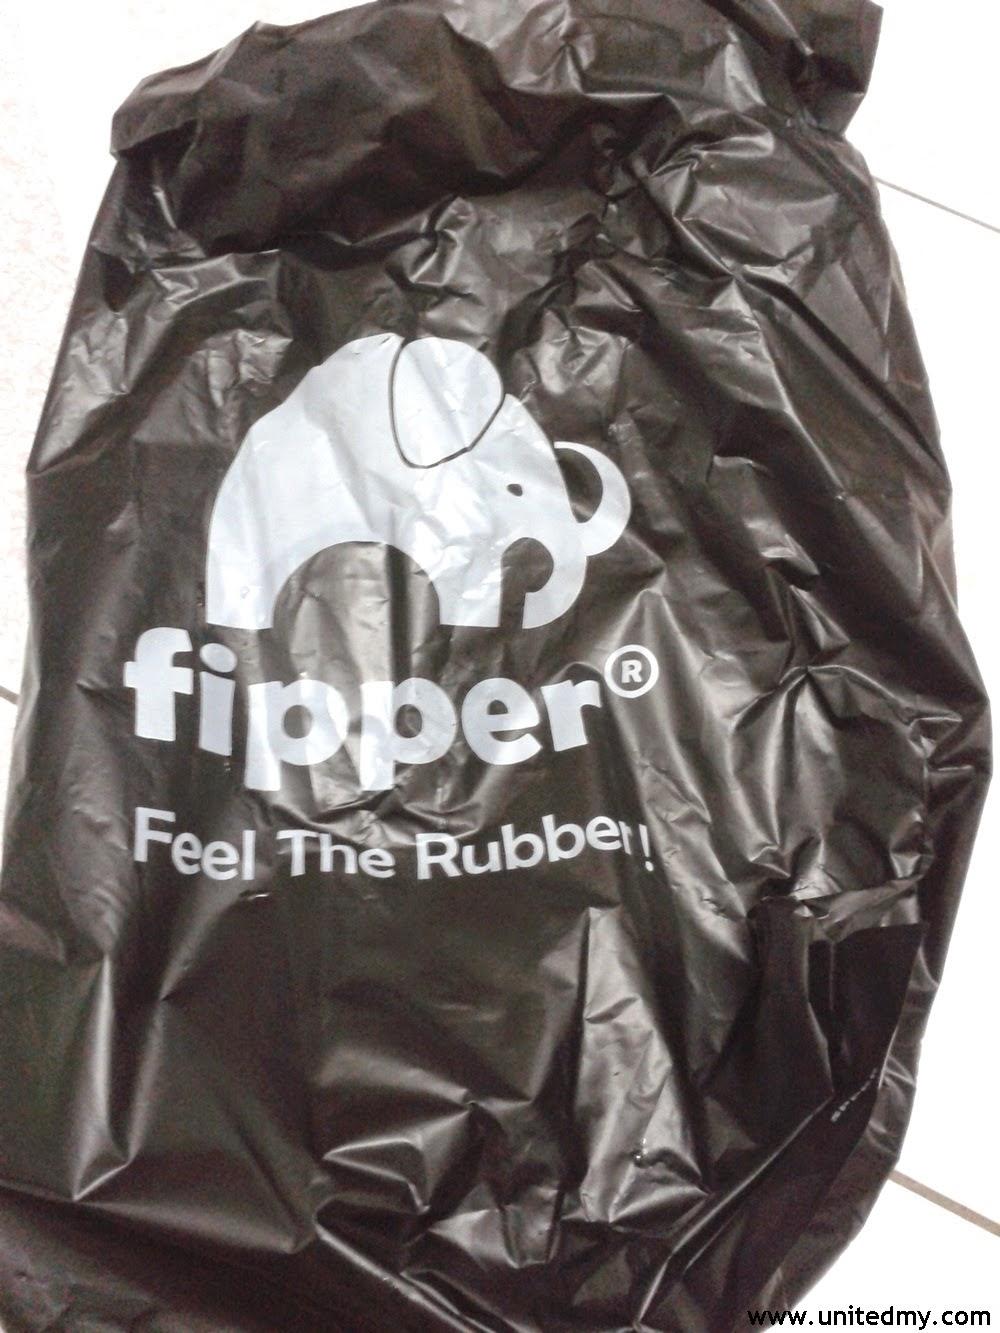 fipper